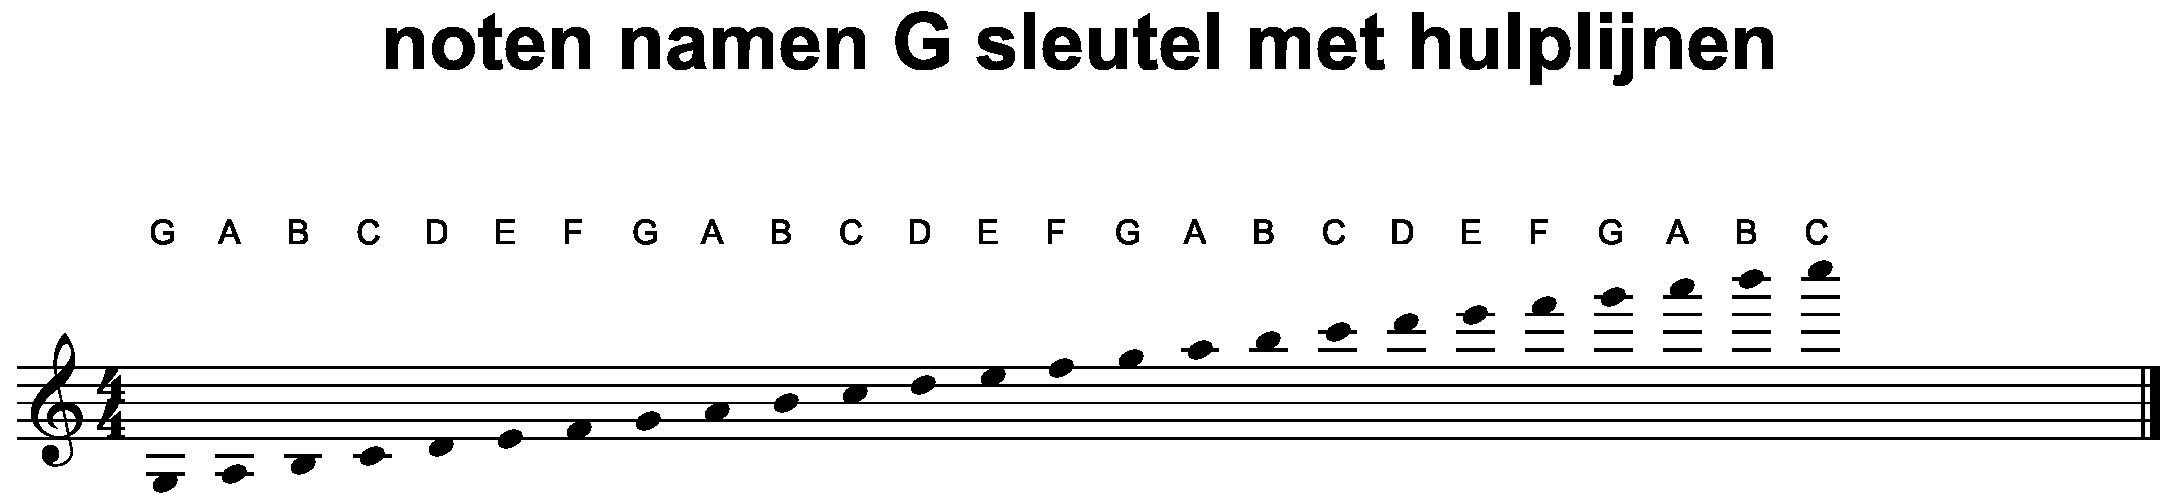 Theorieboek notennamen G sleutel met hulplijnen